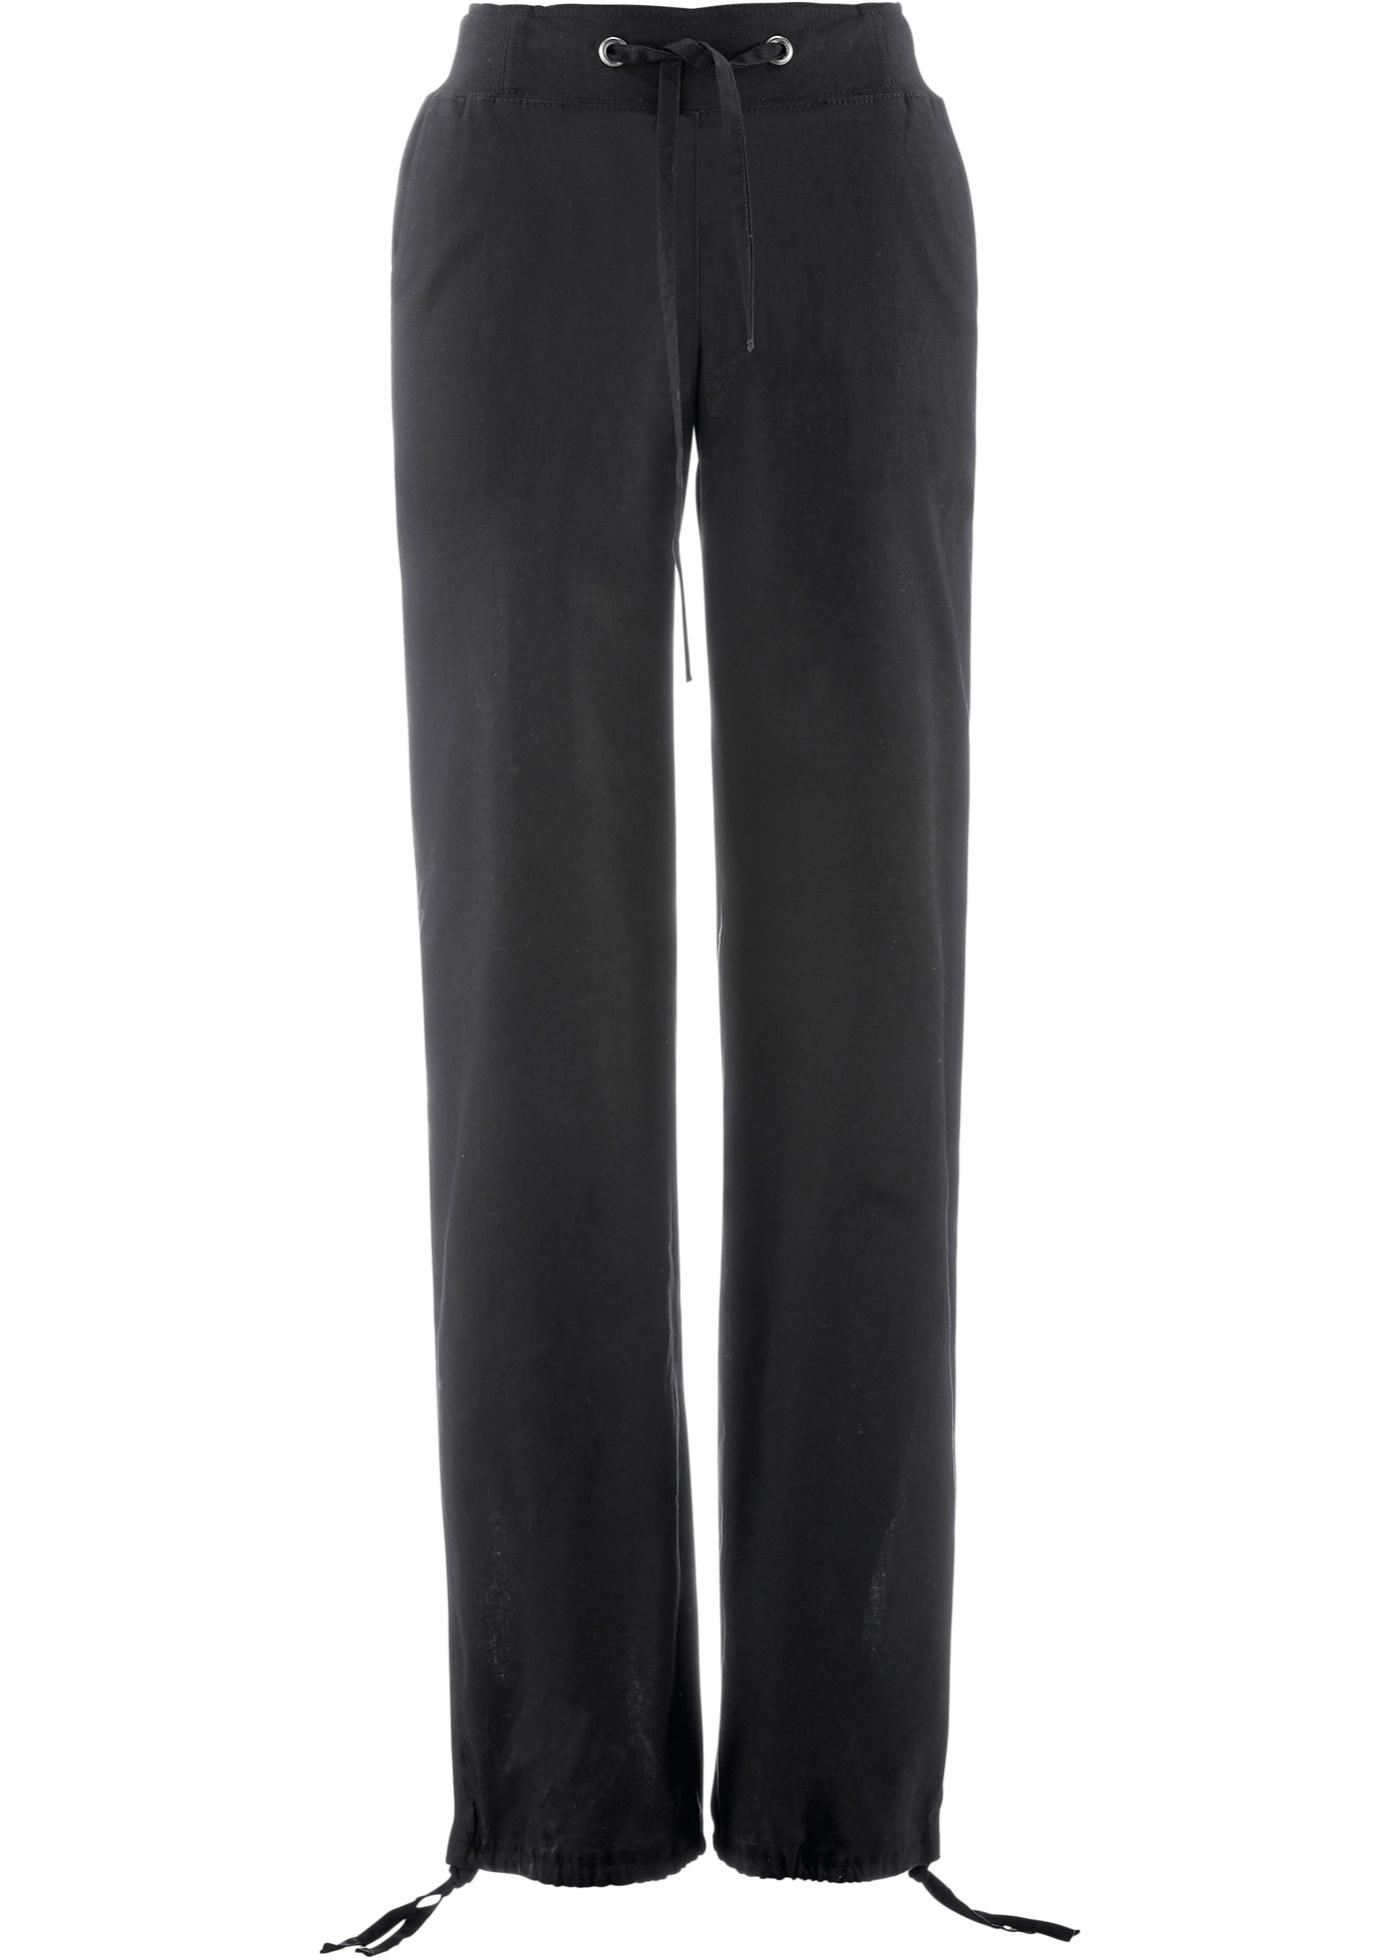 b87dcc51e1e3 Pantalon mélangé lin avec taille côtelée